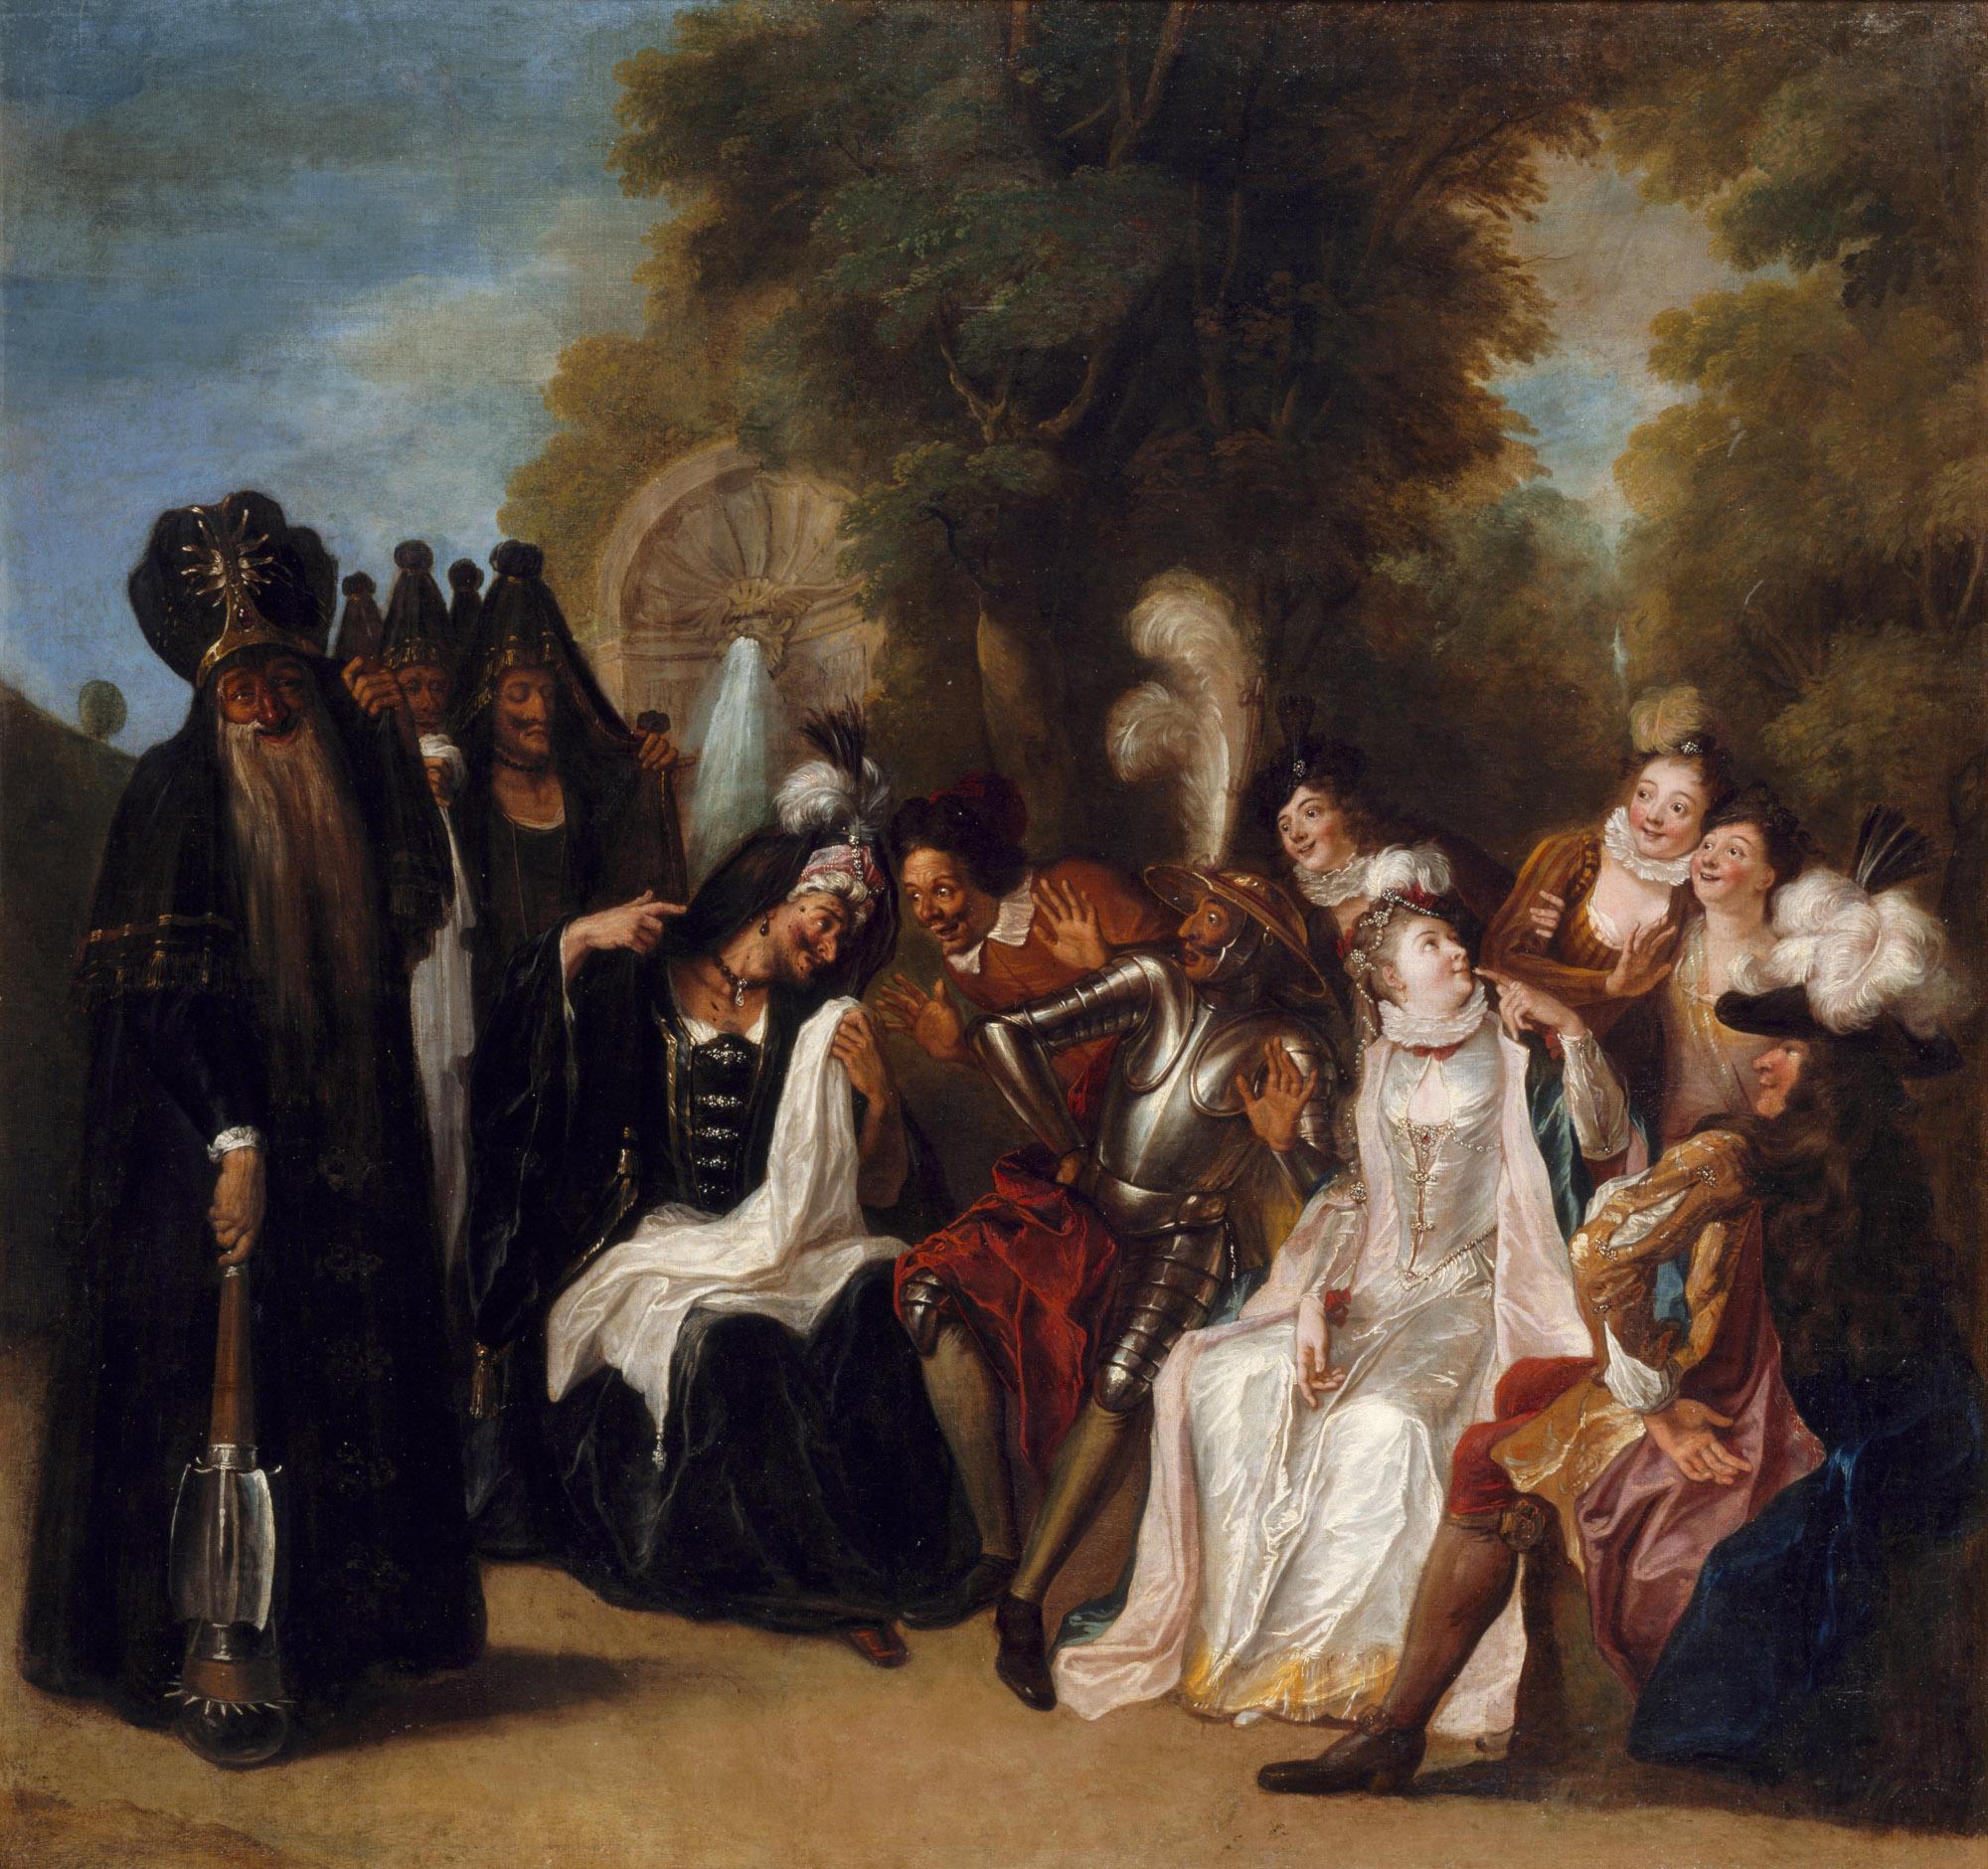 """Histoire de Don Quichotte : """" La Dolorida affligÈe de sa barbe demande ‡ Don Quichotte de la venger"""""""